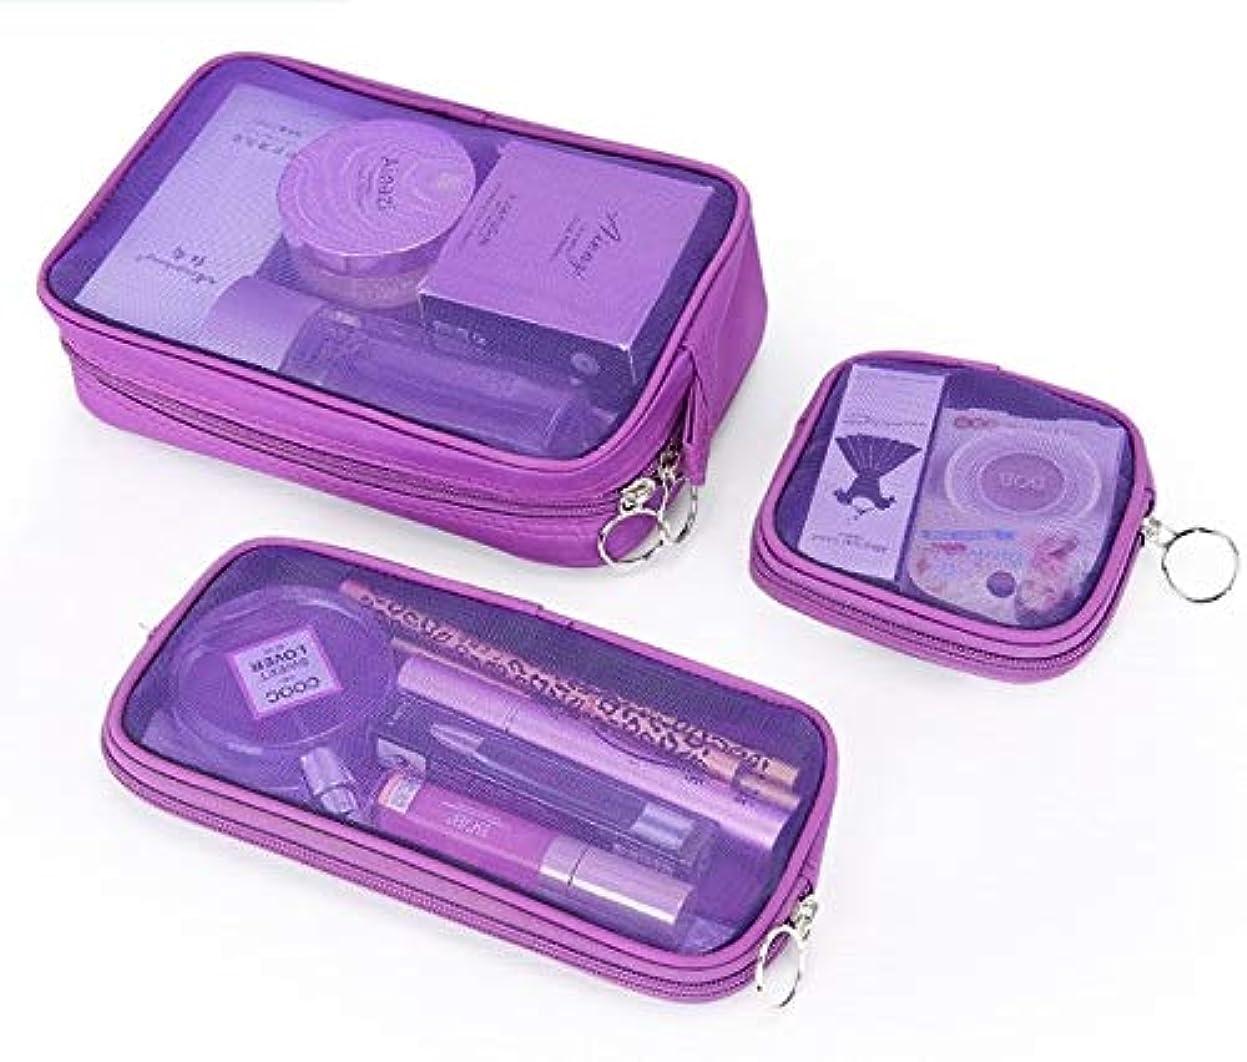 同化する演じる道に迷いました化粧箱、3の透明メッシュ化粧品袋セット、ポータブル旅行化粧品袋収納袋、美容ネイルジュエリー収納ボックス (Color : Purple)